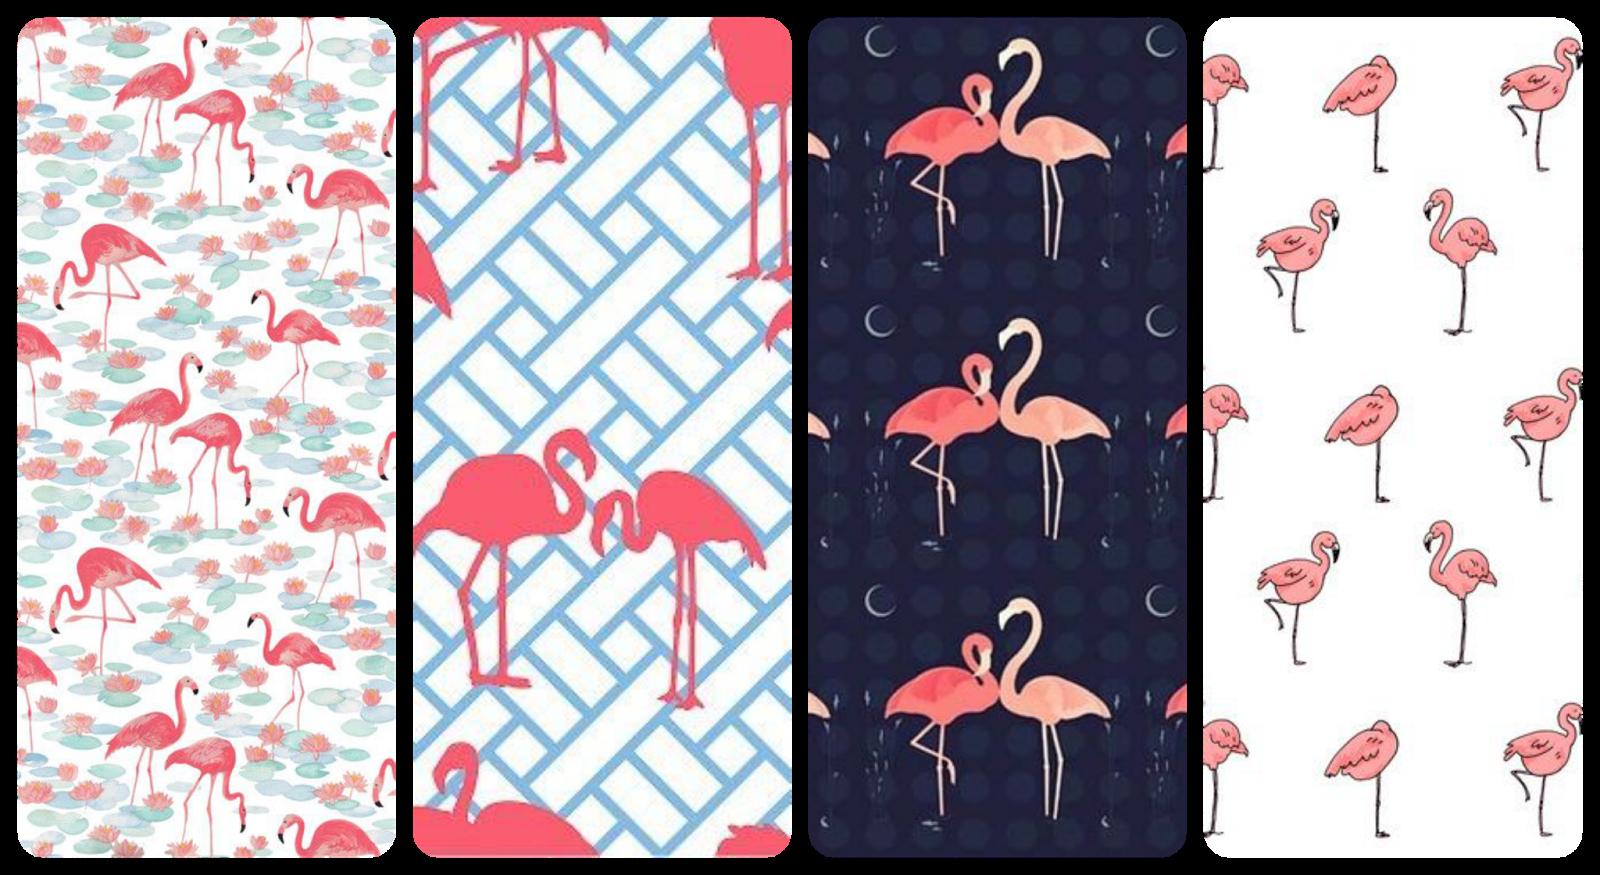 fondos chulos de pantalla para el móvil Iphone, android, samsung Vintage flamingos rosa pink